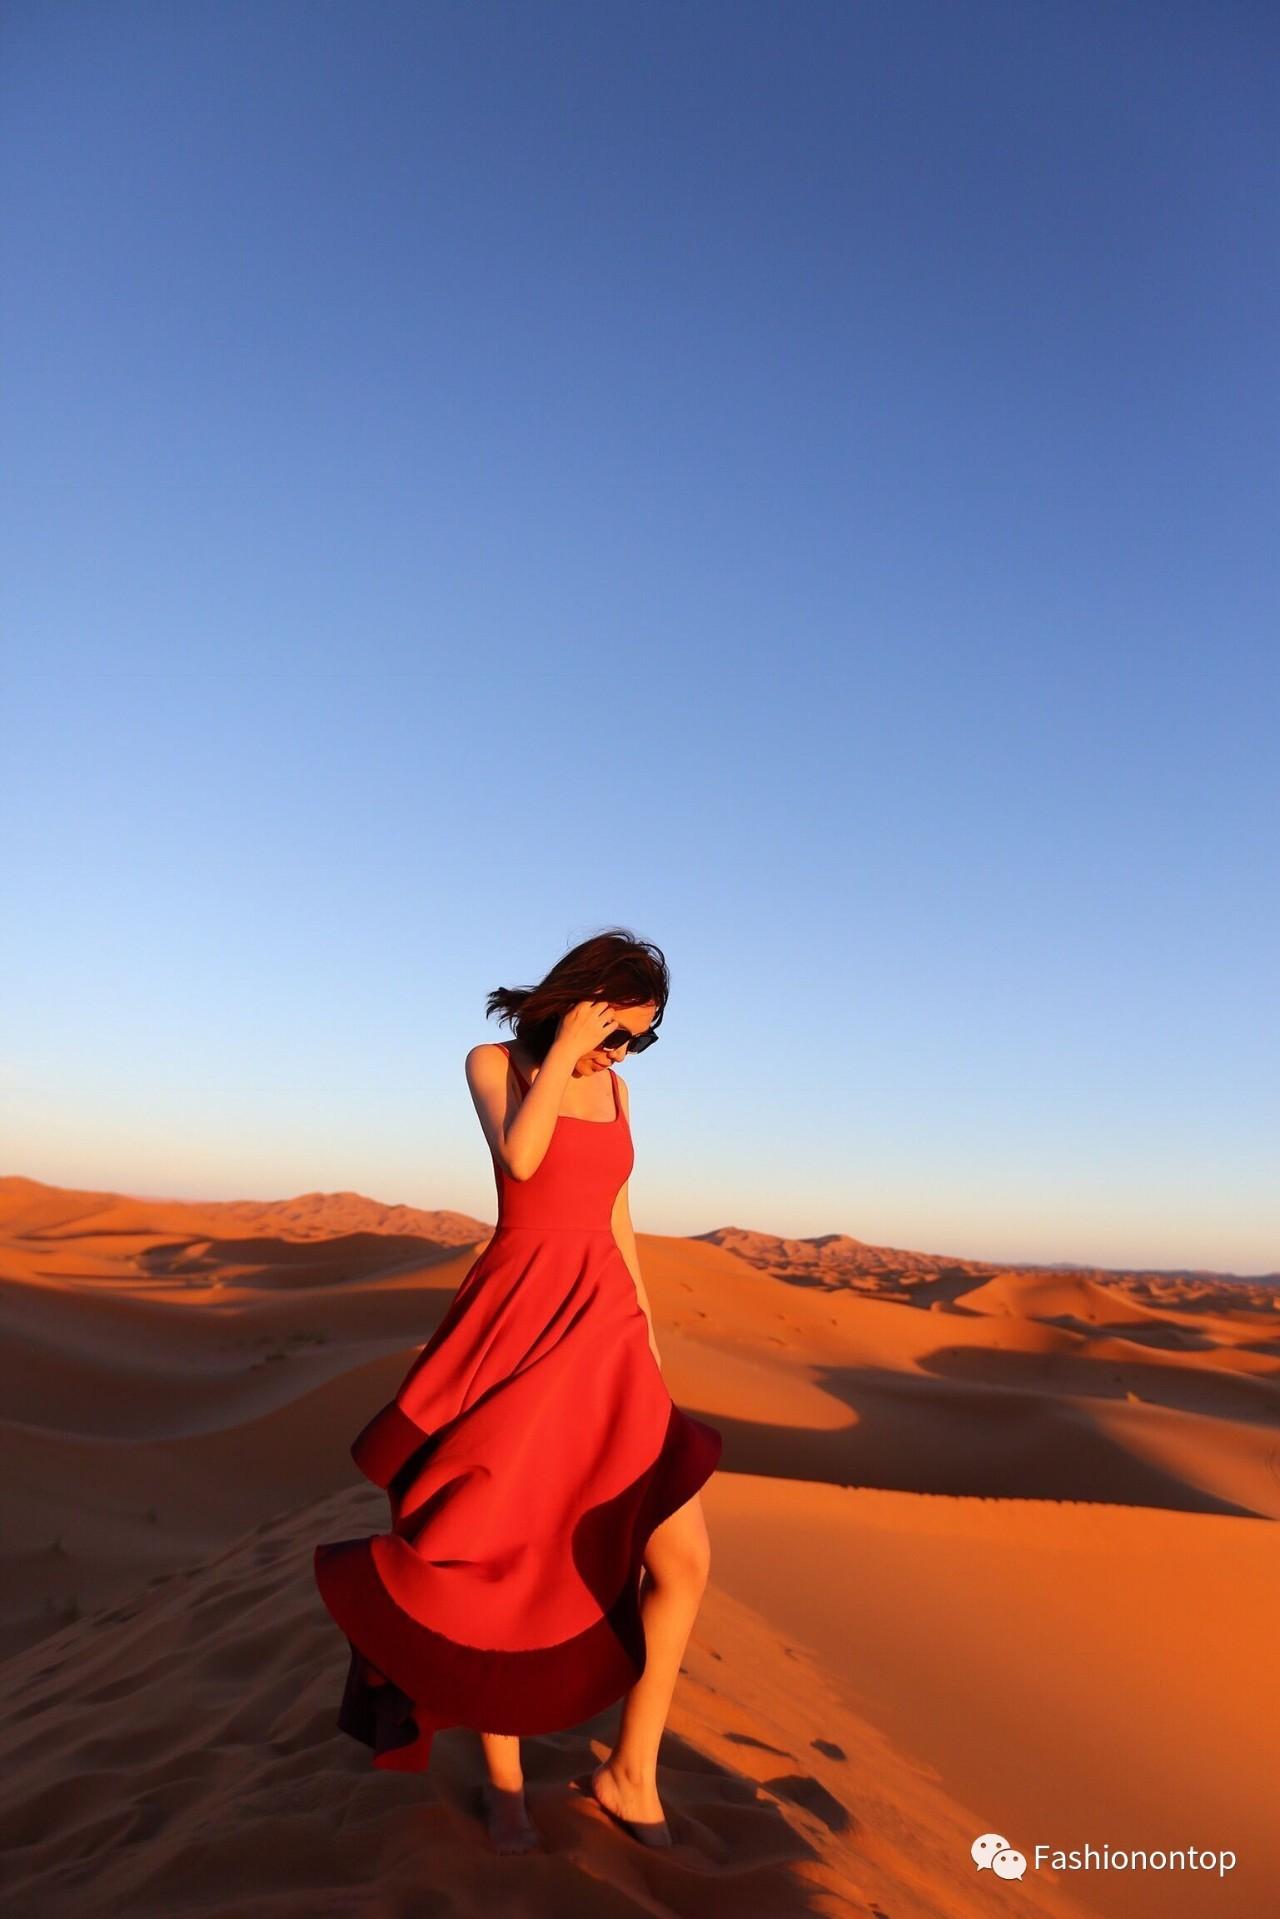 摩洛哥游記 用最Vogue的姿態奔向撒哈拉_搜狐時尚_搜狐網